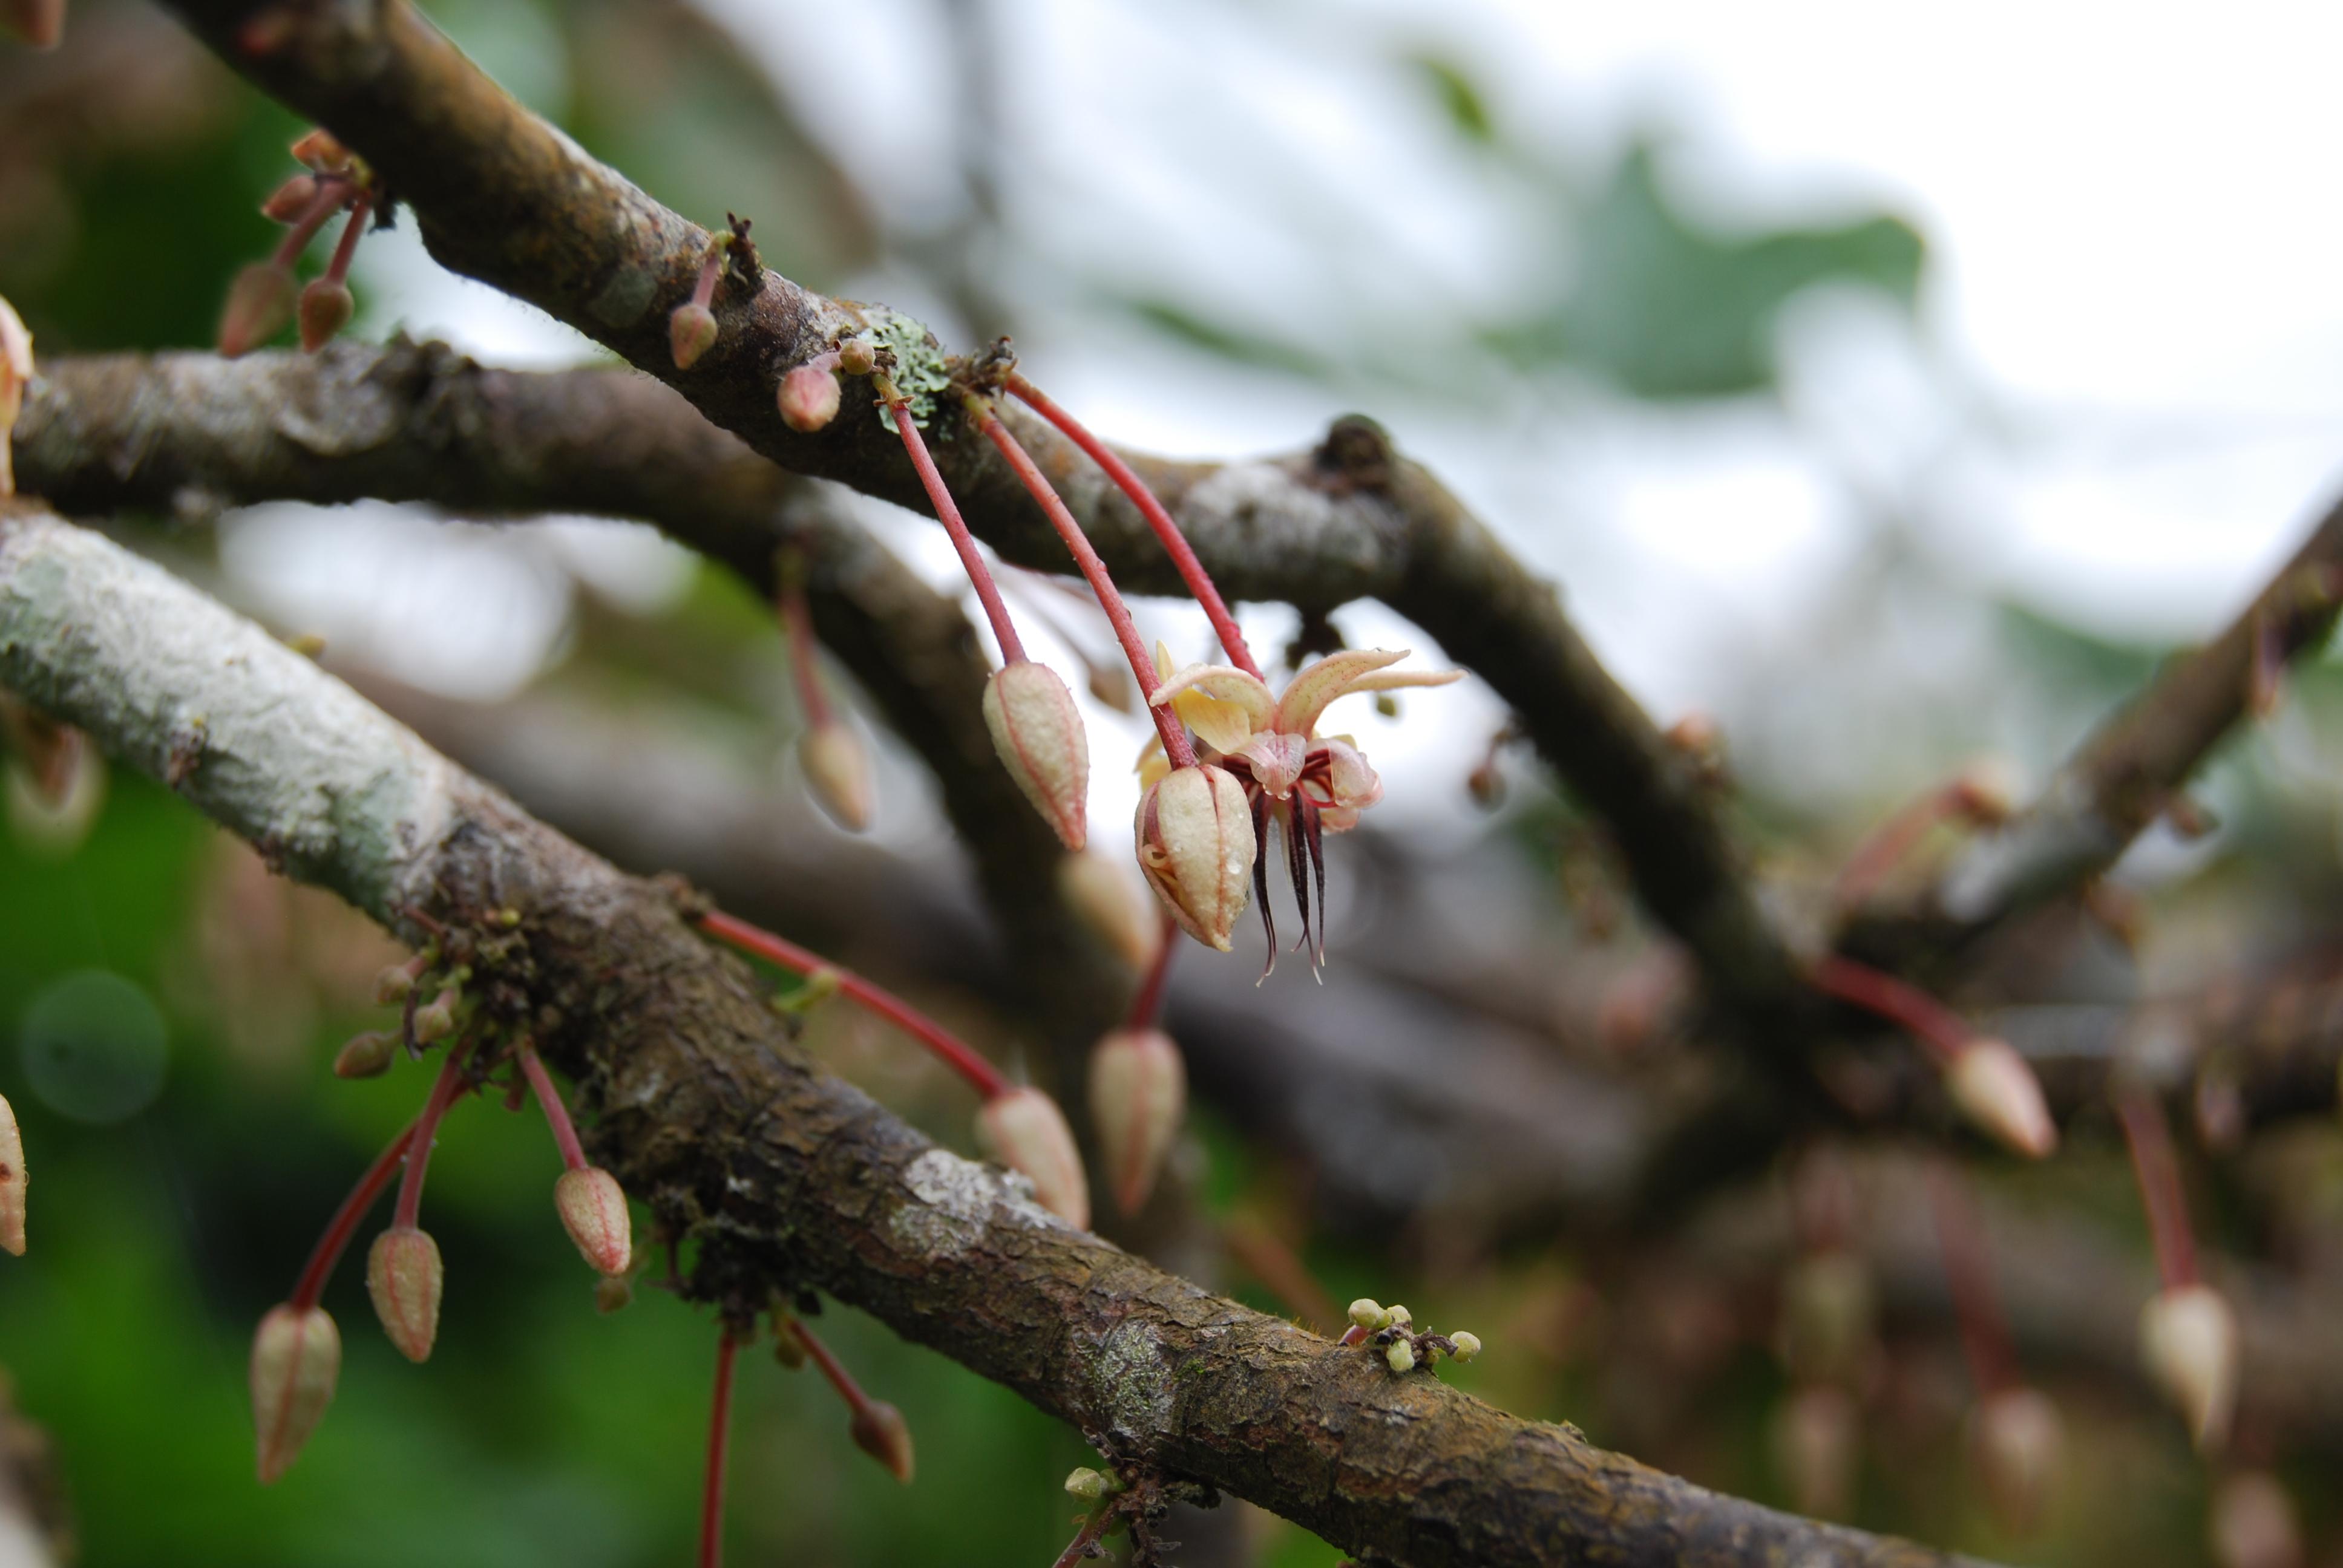 I Fiori Della Pianta Di Cacao Orchidee In Miniatura Che Muoiono Al